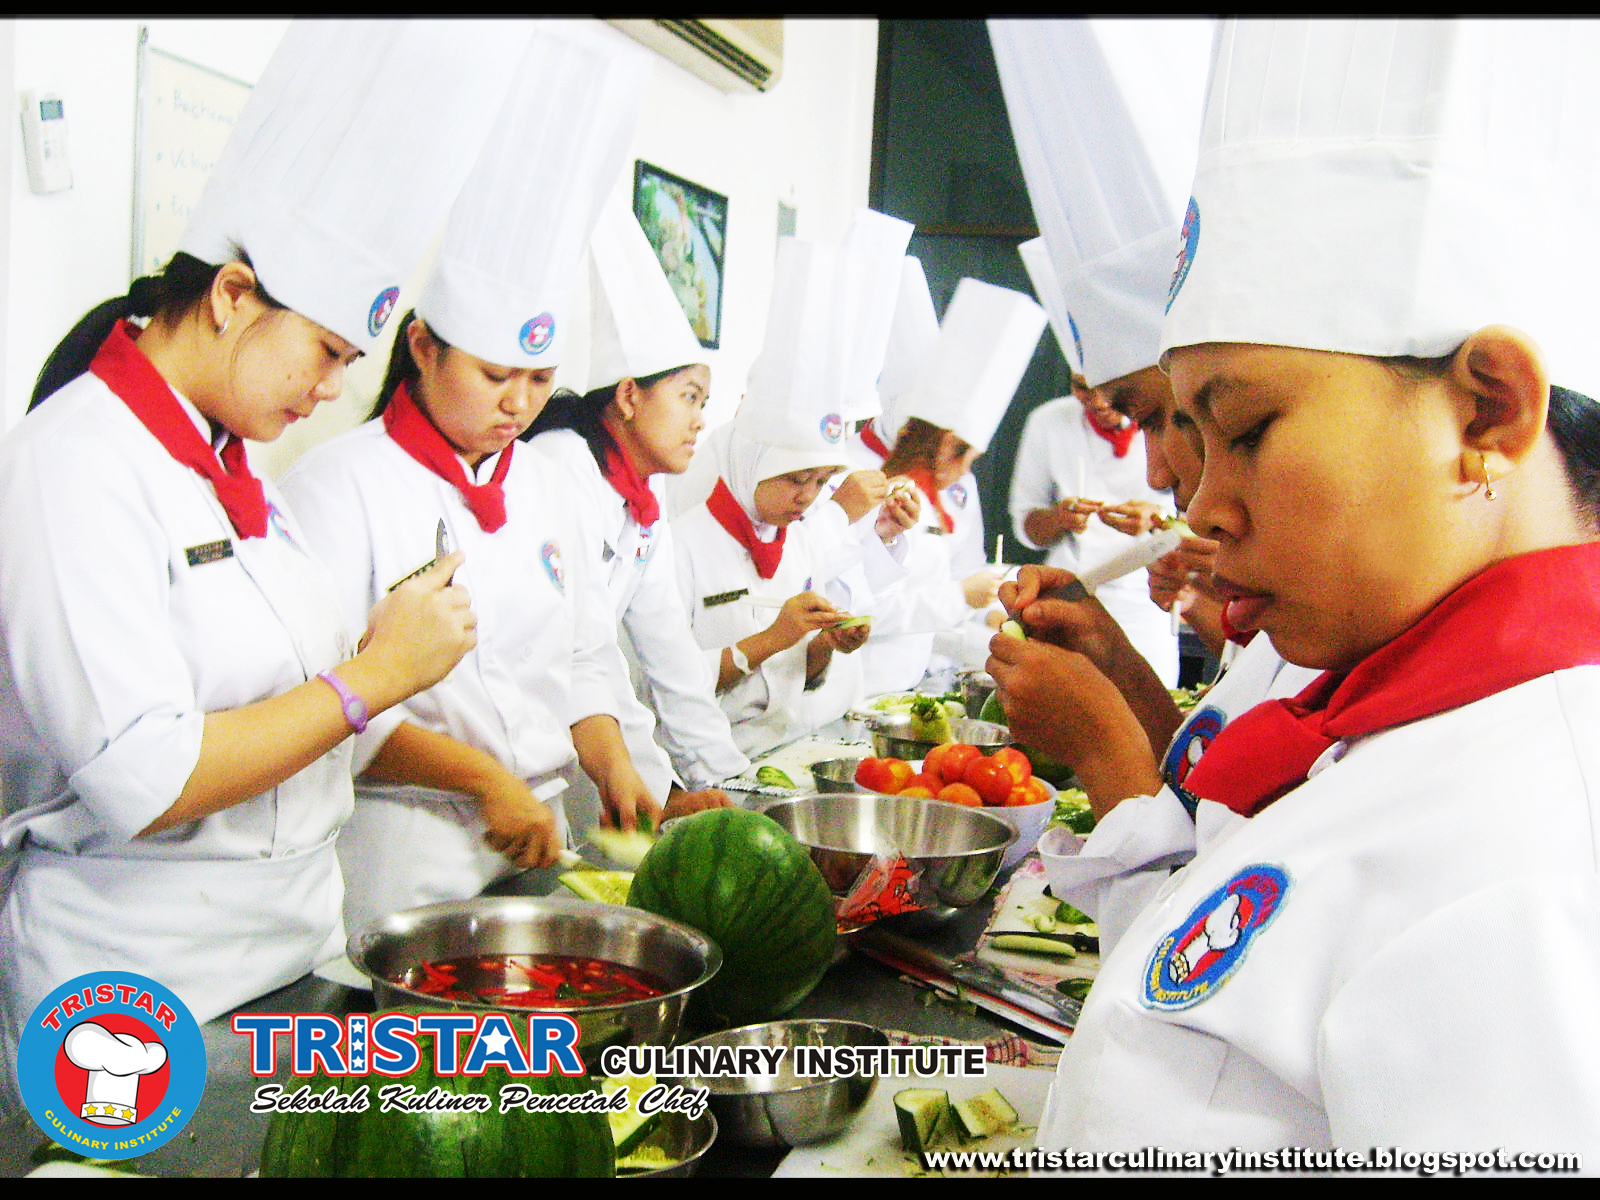 Tristar Culinary Institute.